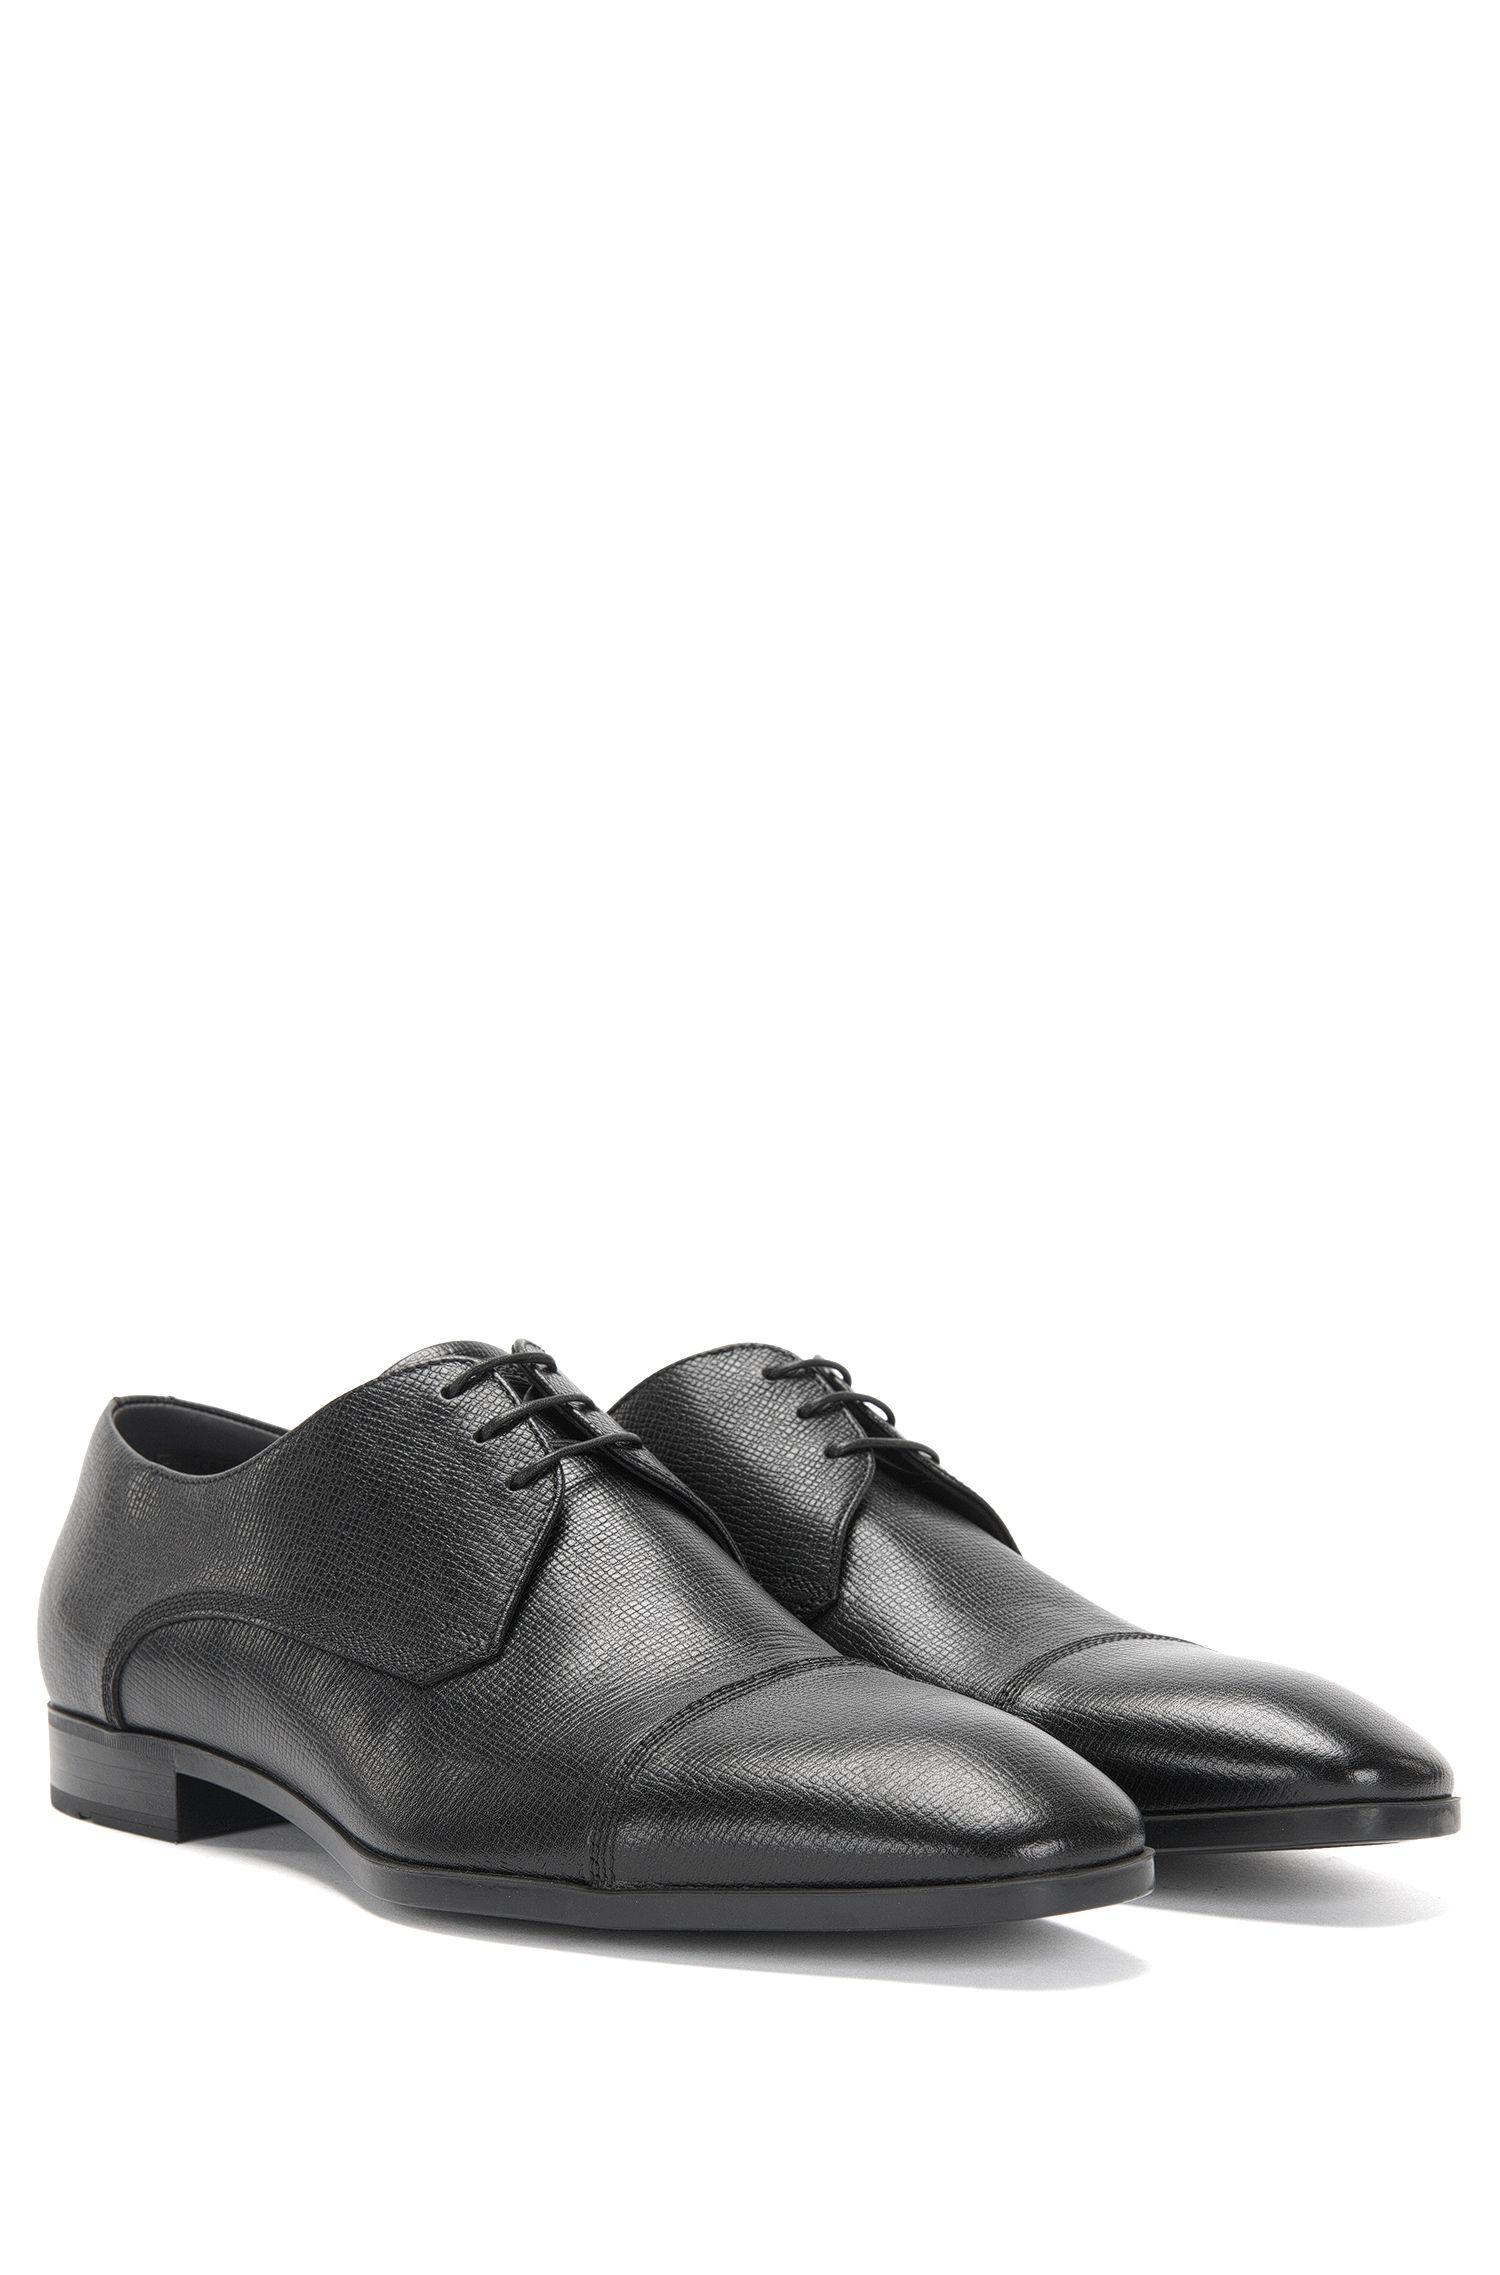 Geprägte Schnürschuhe aus Leder mit abgesetzter Front: 'Underb'